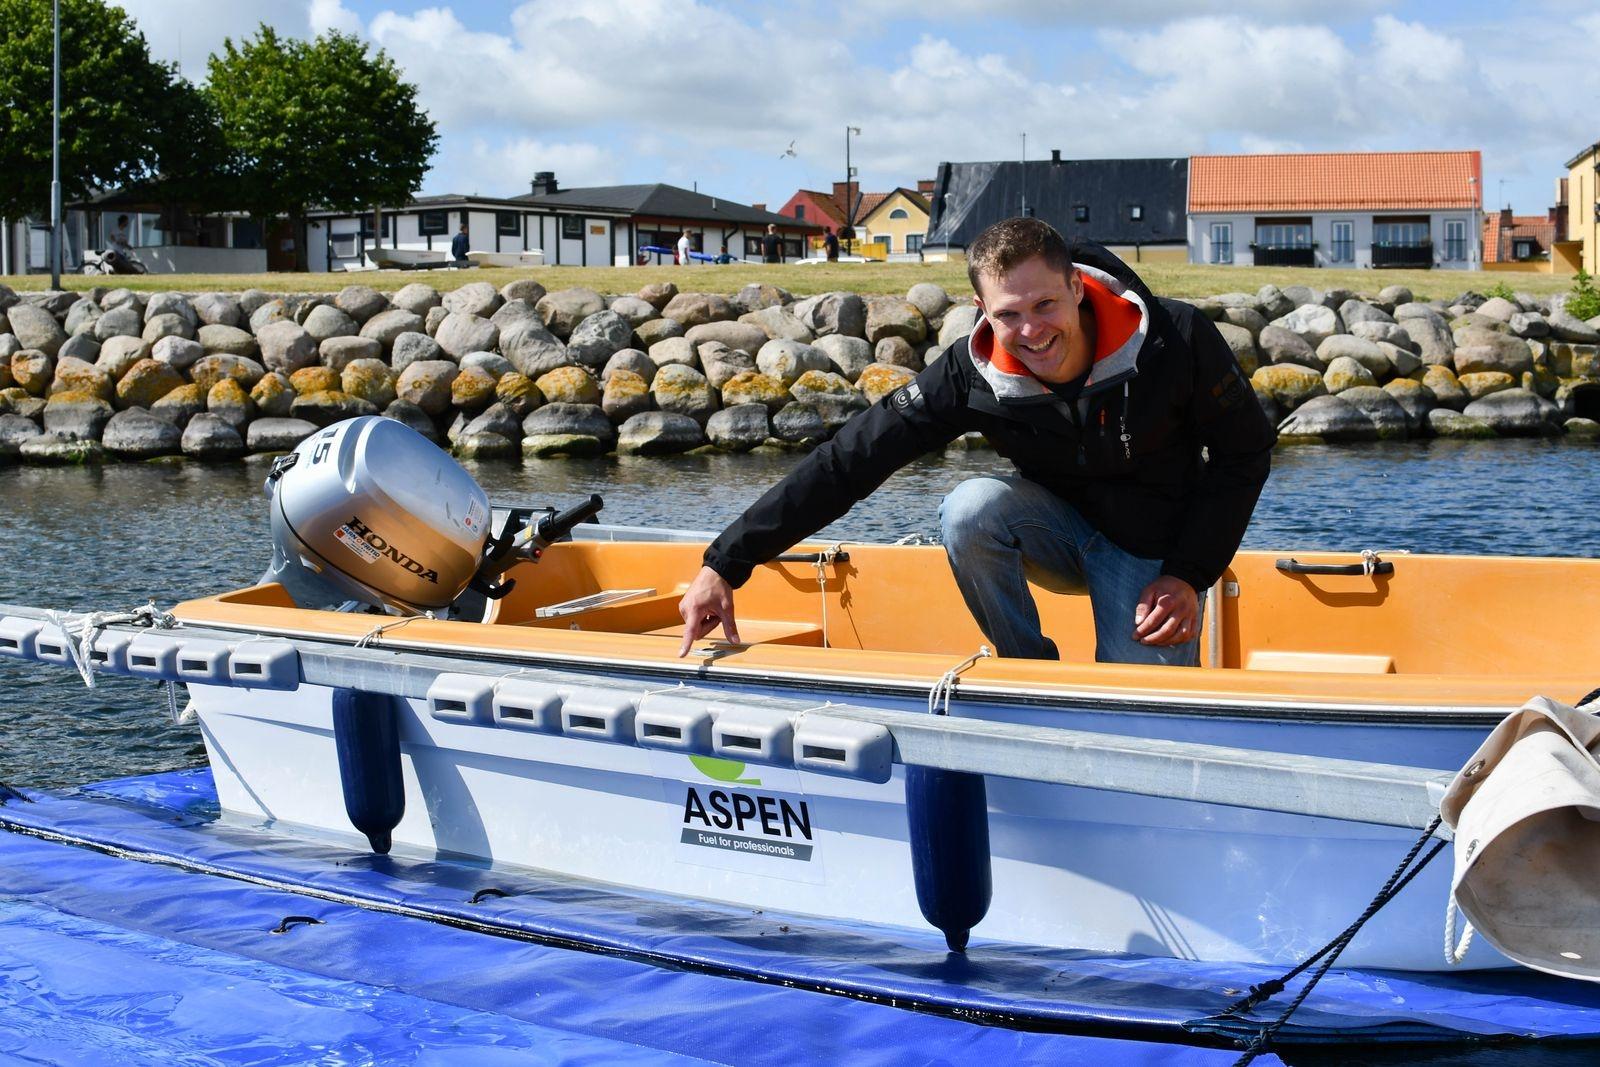 """Alla Simrishamns segelsällskaps båtar är bottenfärgsfria, istället används skrovskyddsduk, och motorbåtarna körs på Aspen miljöbränsleVi tycker det känns angeläget att driva miljöfrågan"""" säger Andreas och visar.\nAlla Simrishamns segelsällskaps båtar är bottenfärgsfria, istället används skrovskyddsduk, och motorbåtarna körs på Aspen miljöbränsleVi tycker det känns angeläget att driva miljöfrågan"""" säger Andreas och visar."""